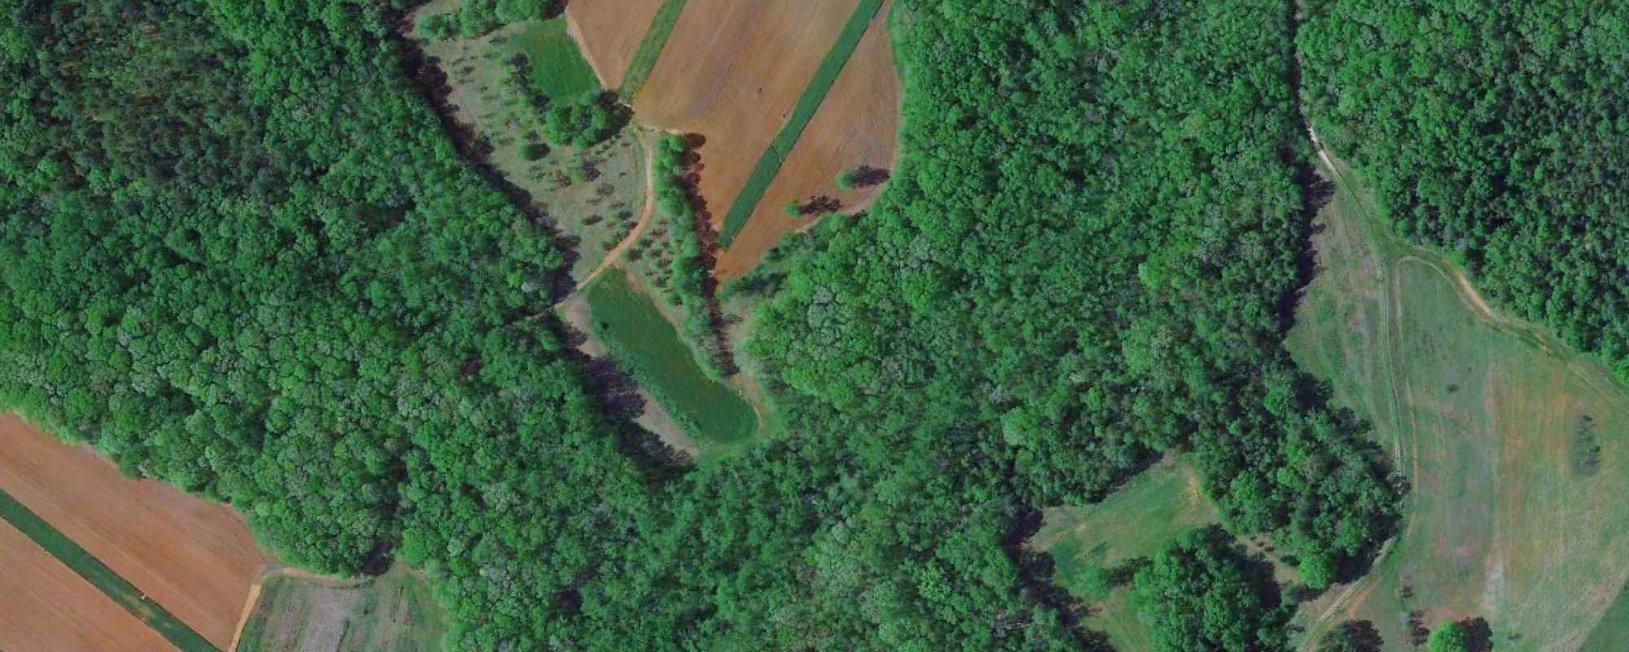 Aerial-landsearch.jpg